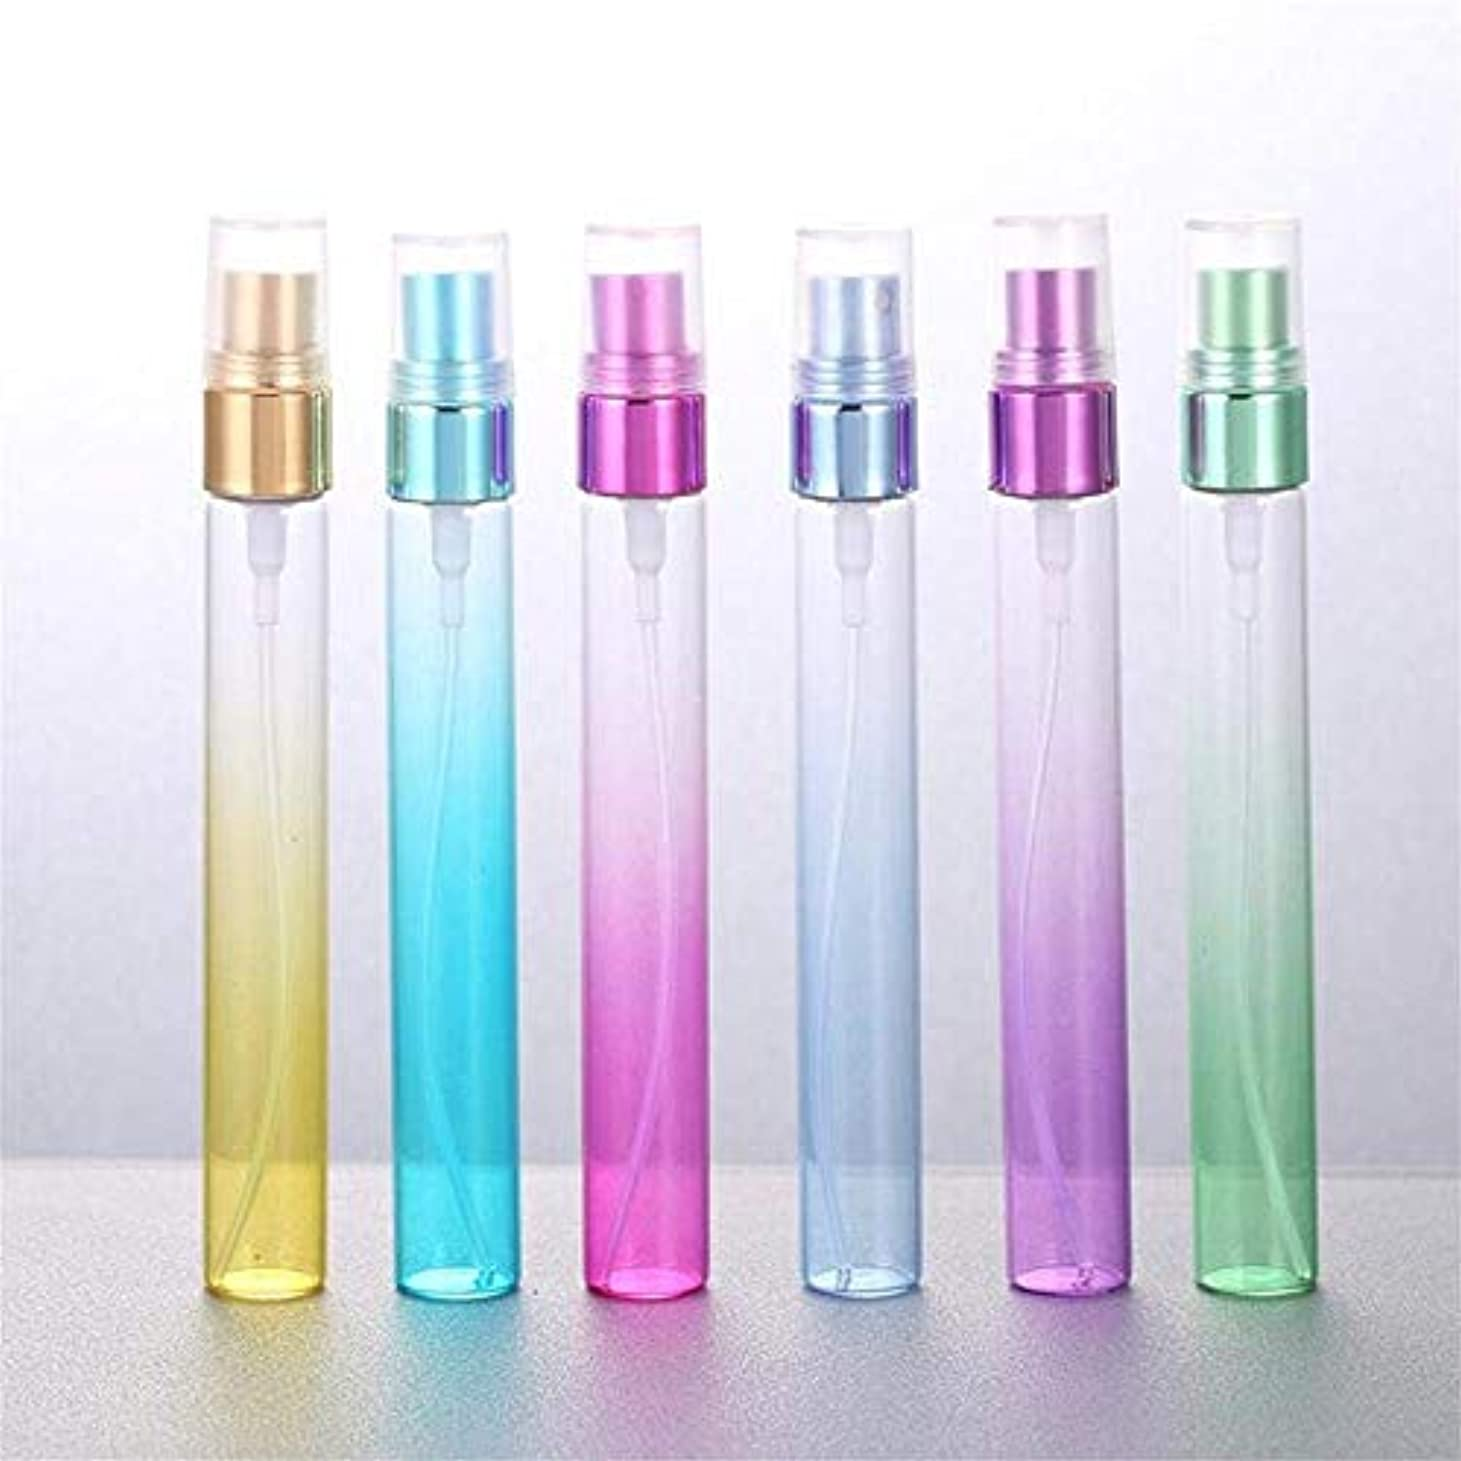 散歩ギャラントリーマーケティングgundoop アトマイザー ミニ グラデーション色 詰め替えボトル 香水瓶 化粧水用瓶 アトマイザー ポンプ 6個 10ml (グラデーション色)